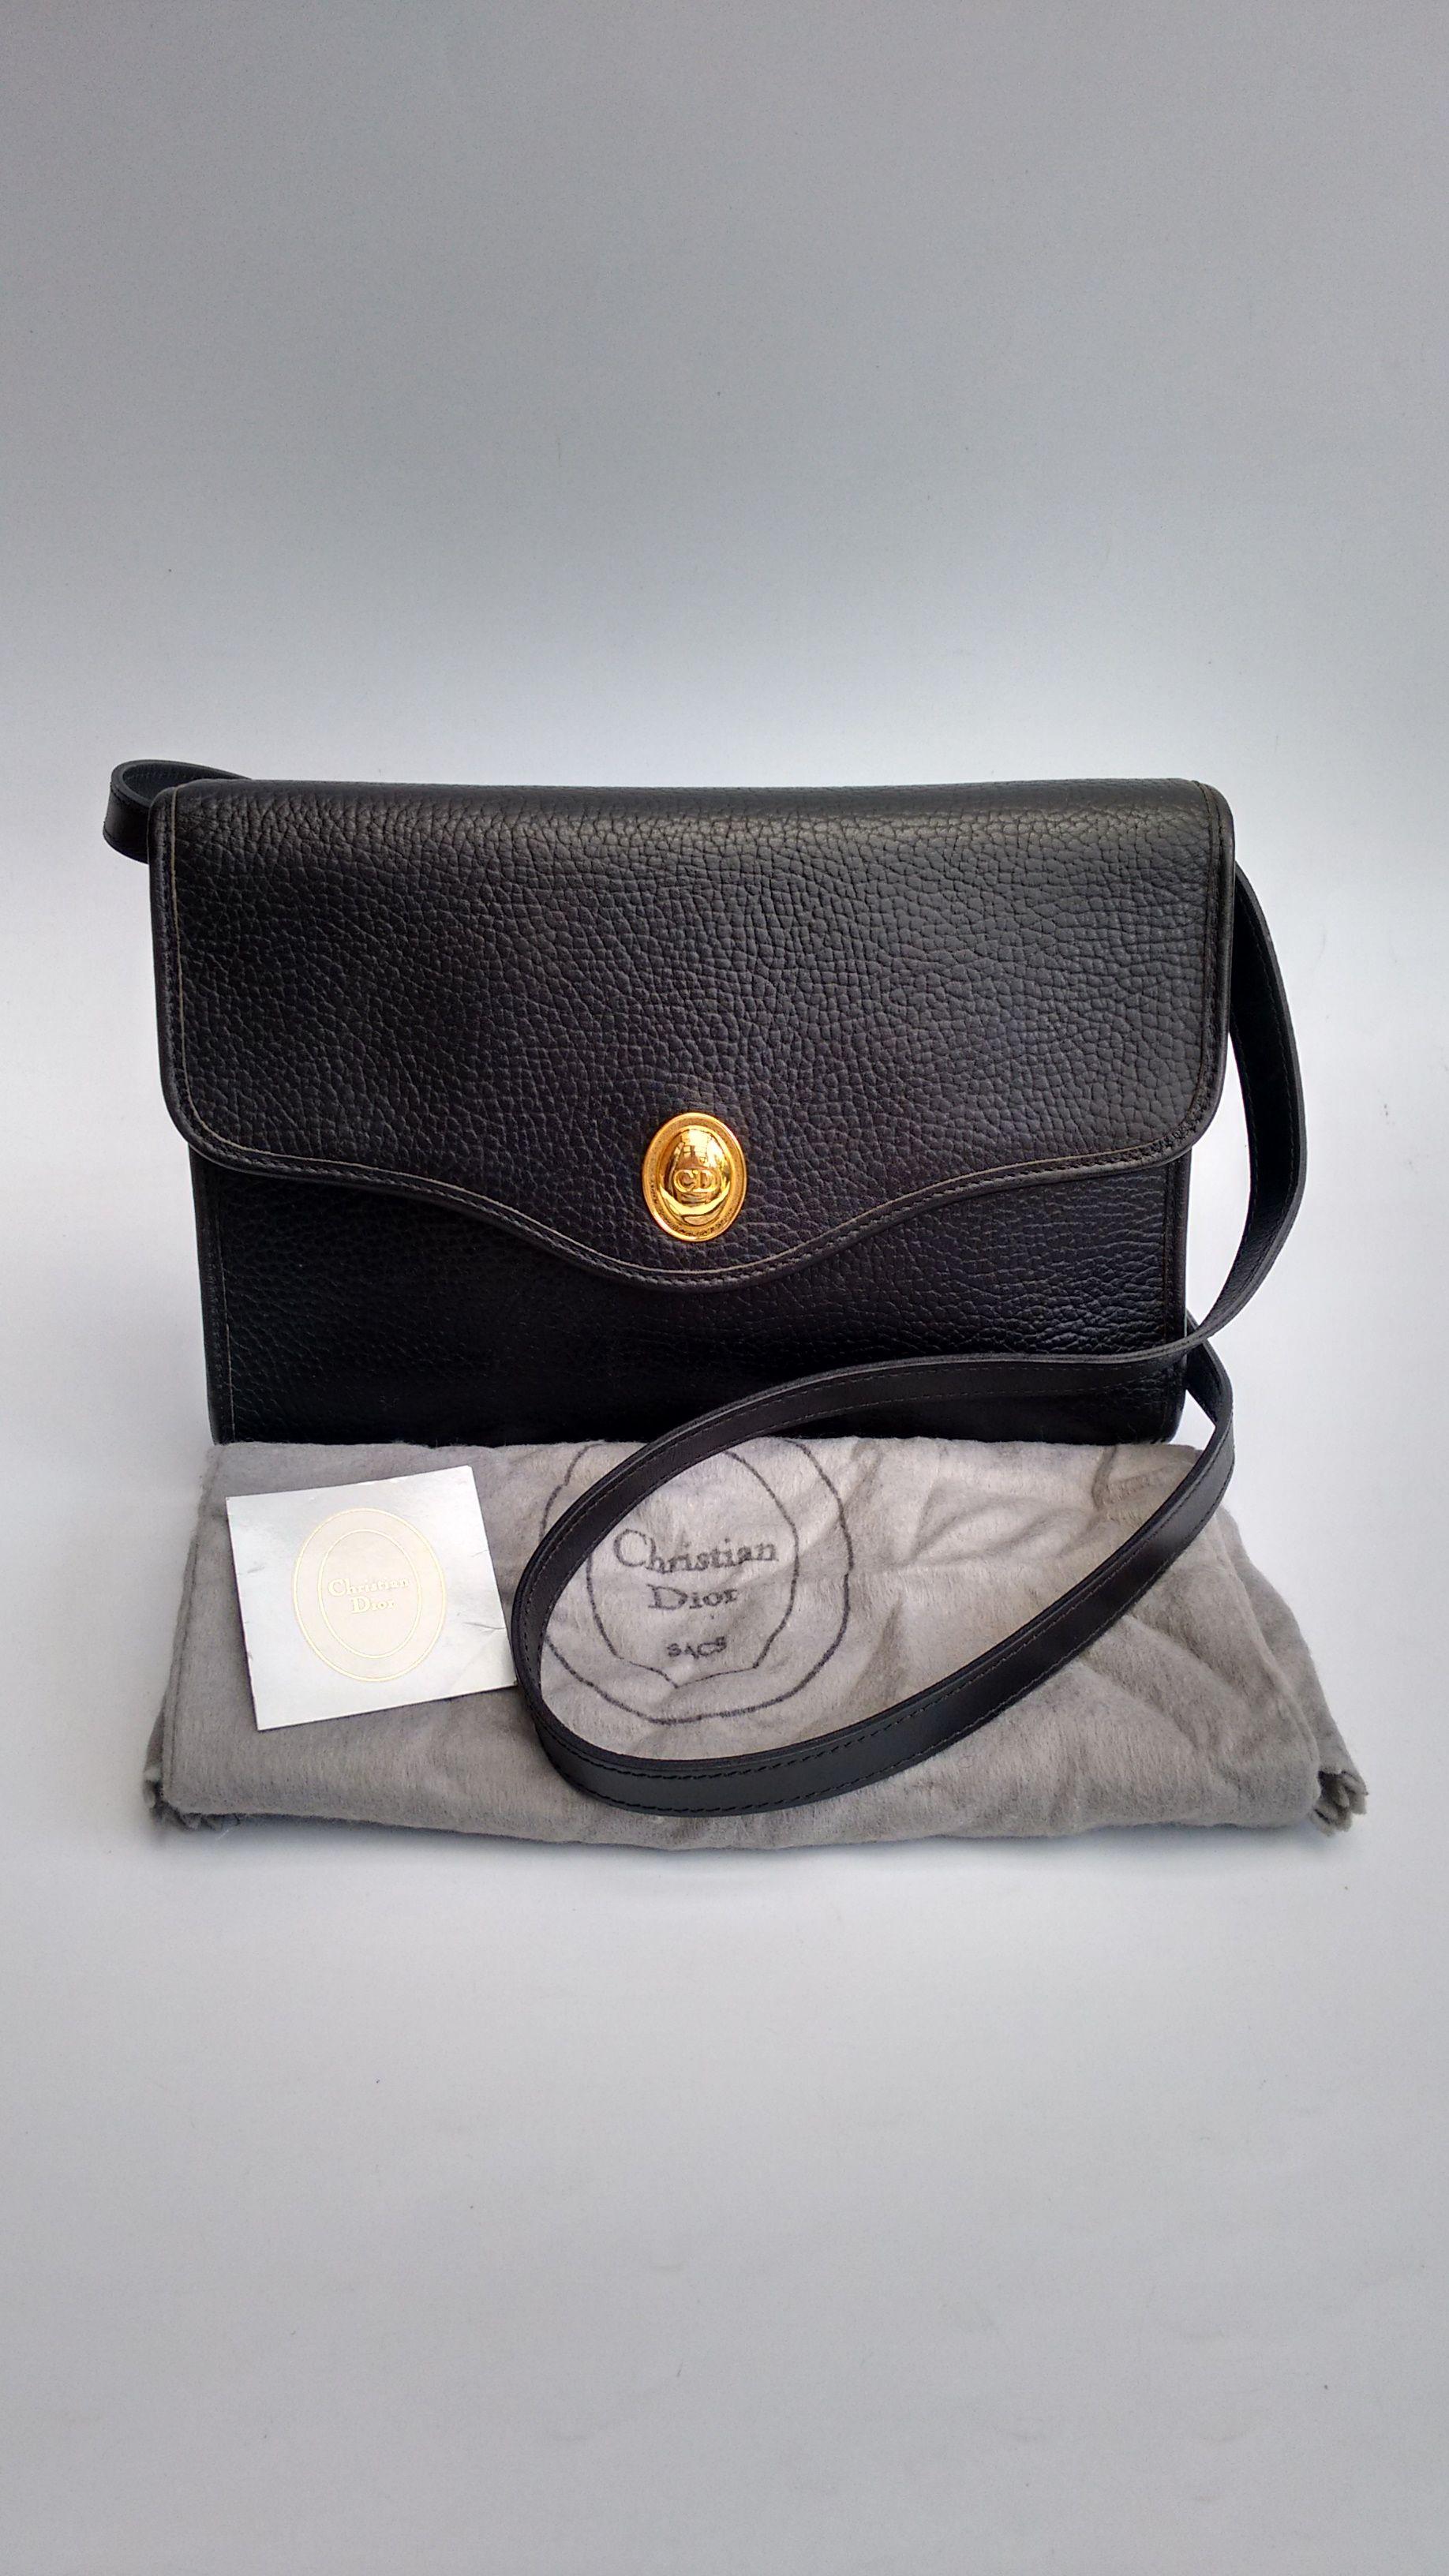 Dior Bag Christian Dior Vintage Black Leather Shoulder Etsy Dior Bag Christian Dior Vintage Christian Dior Bags